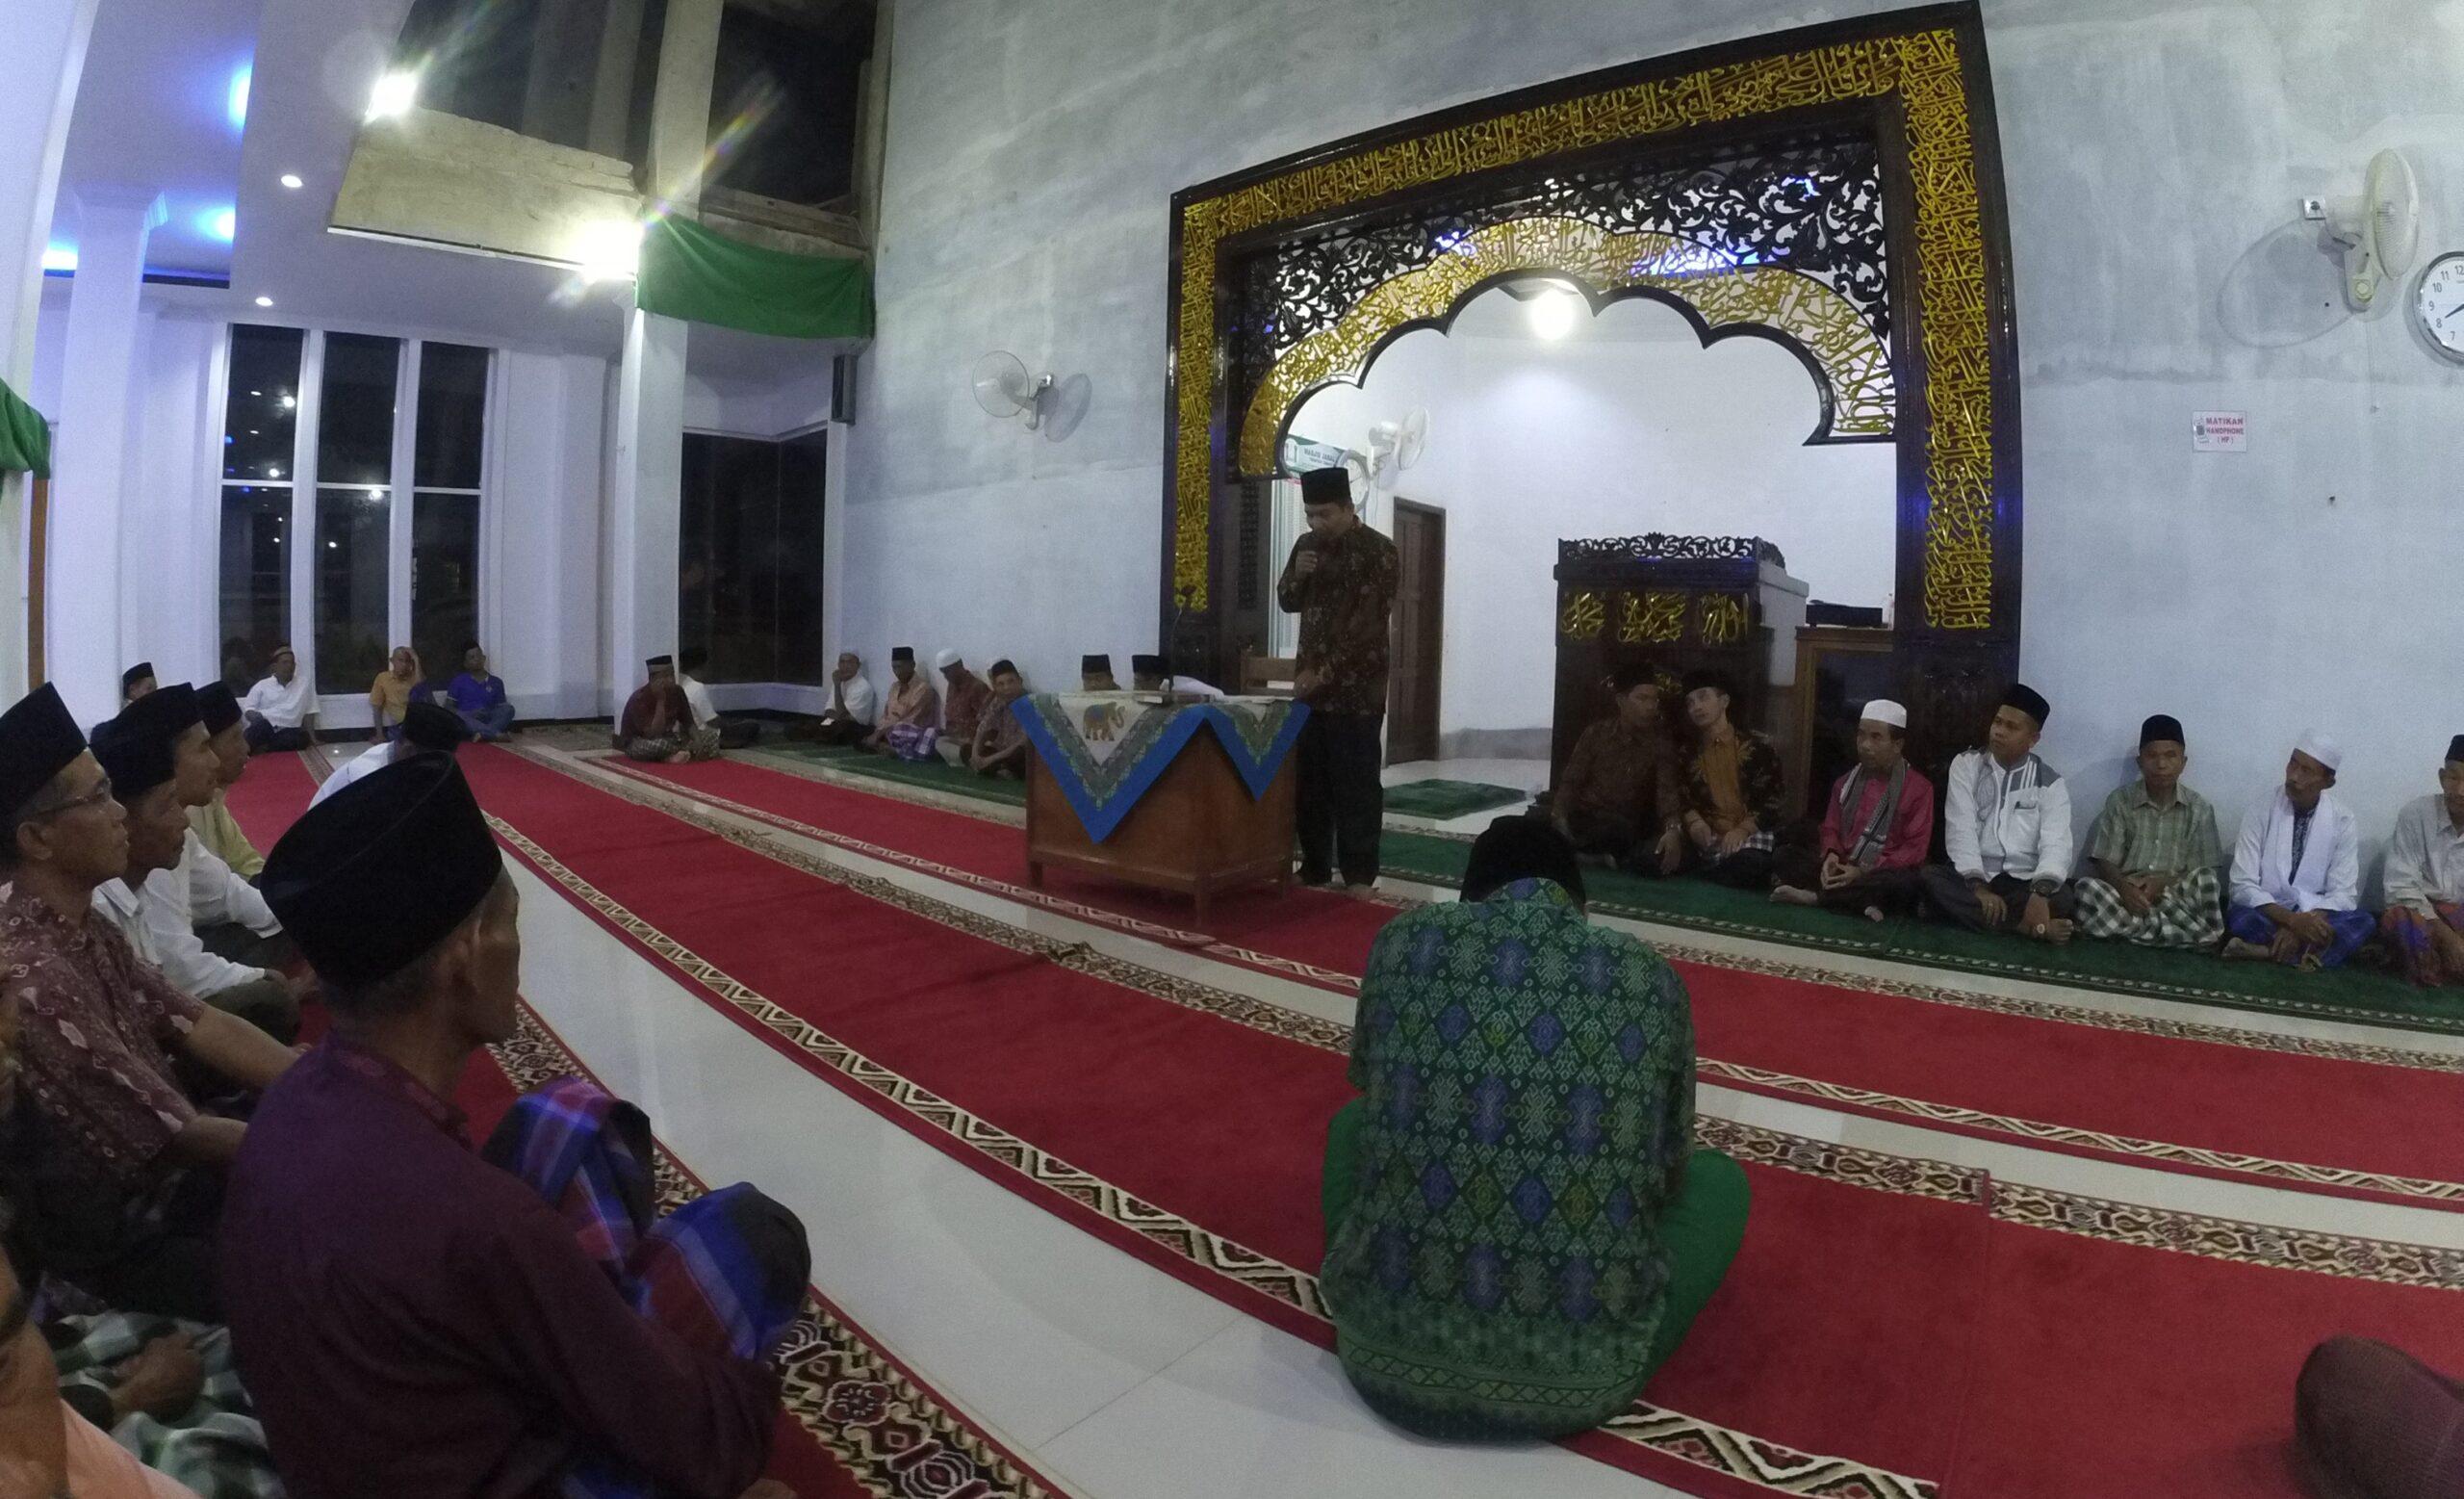 Plt. Ketua Pengadilan Agama Kota Solok, Nursal disela-sela Safari Ramadan di Mesjid Jabal Nur, Tanah Garam, Kota Solok, Senin 21 Mei 2018. Foto : Fernandez